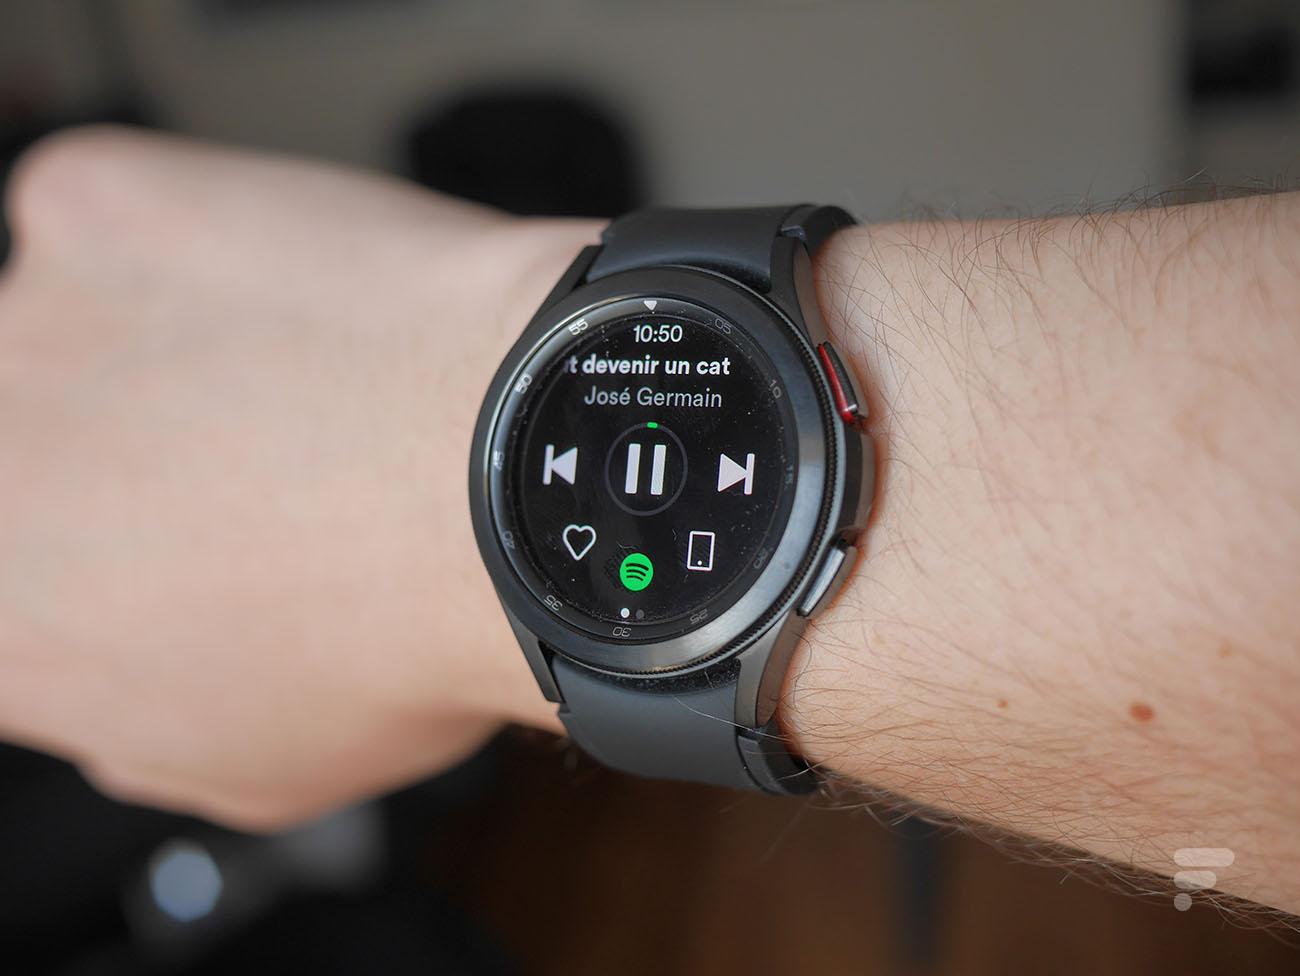 Spotify hors ligne : écoutez des titres sur votre montre Wear OS sans votre smartphone